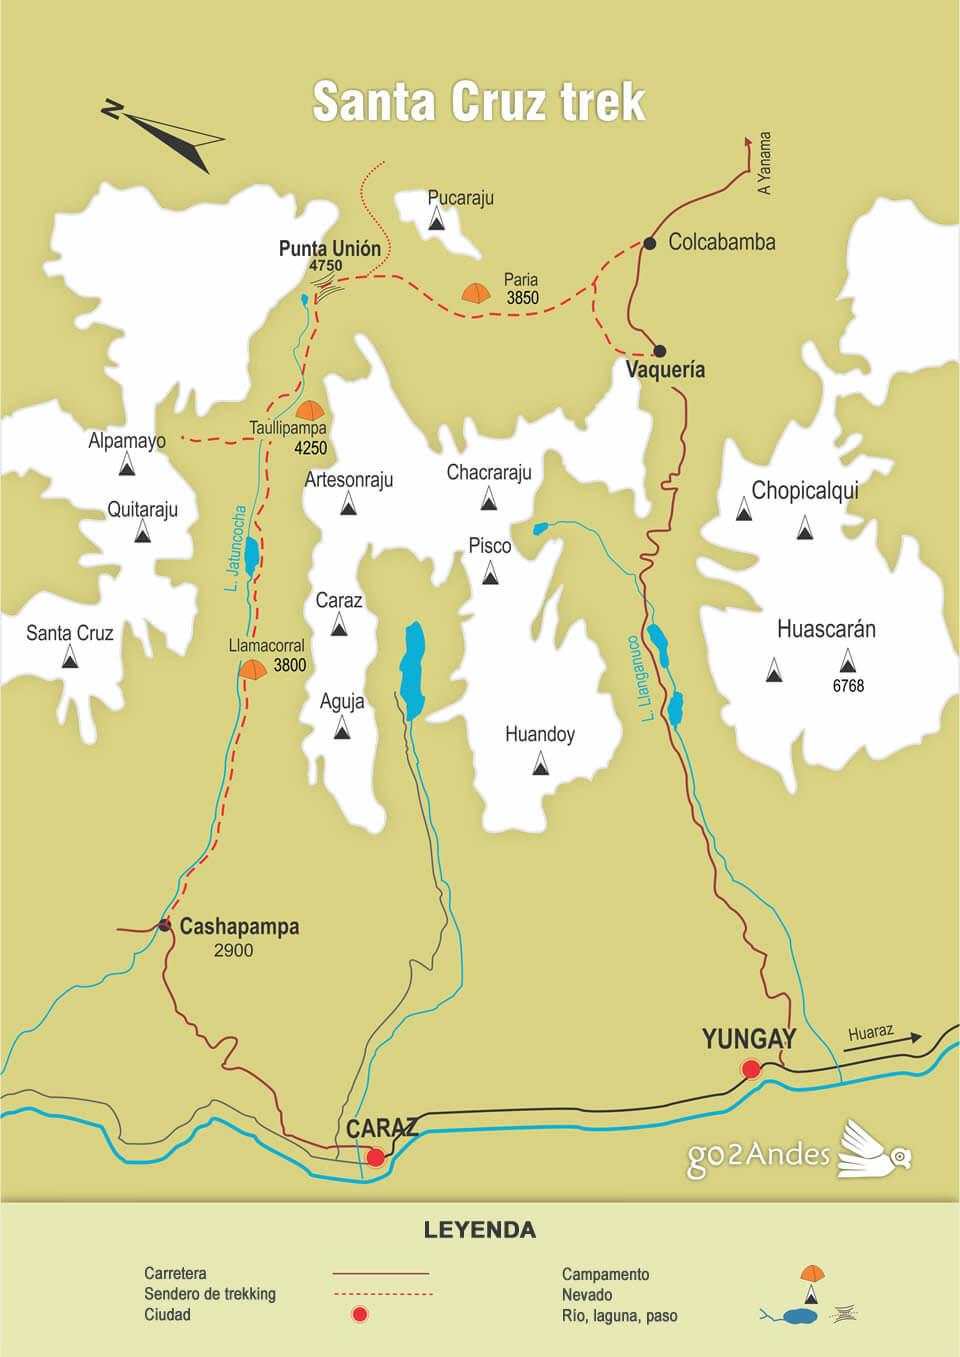 Mapa del Santa Cruz trek, Cordillera Blanca